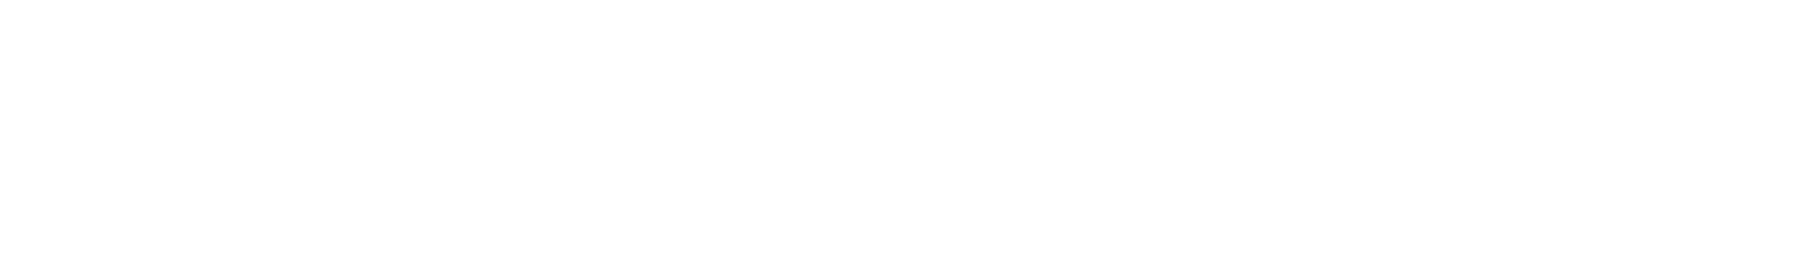 ehp 303loop 127 borgtb f